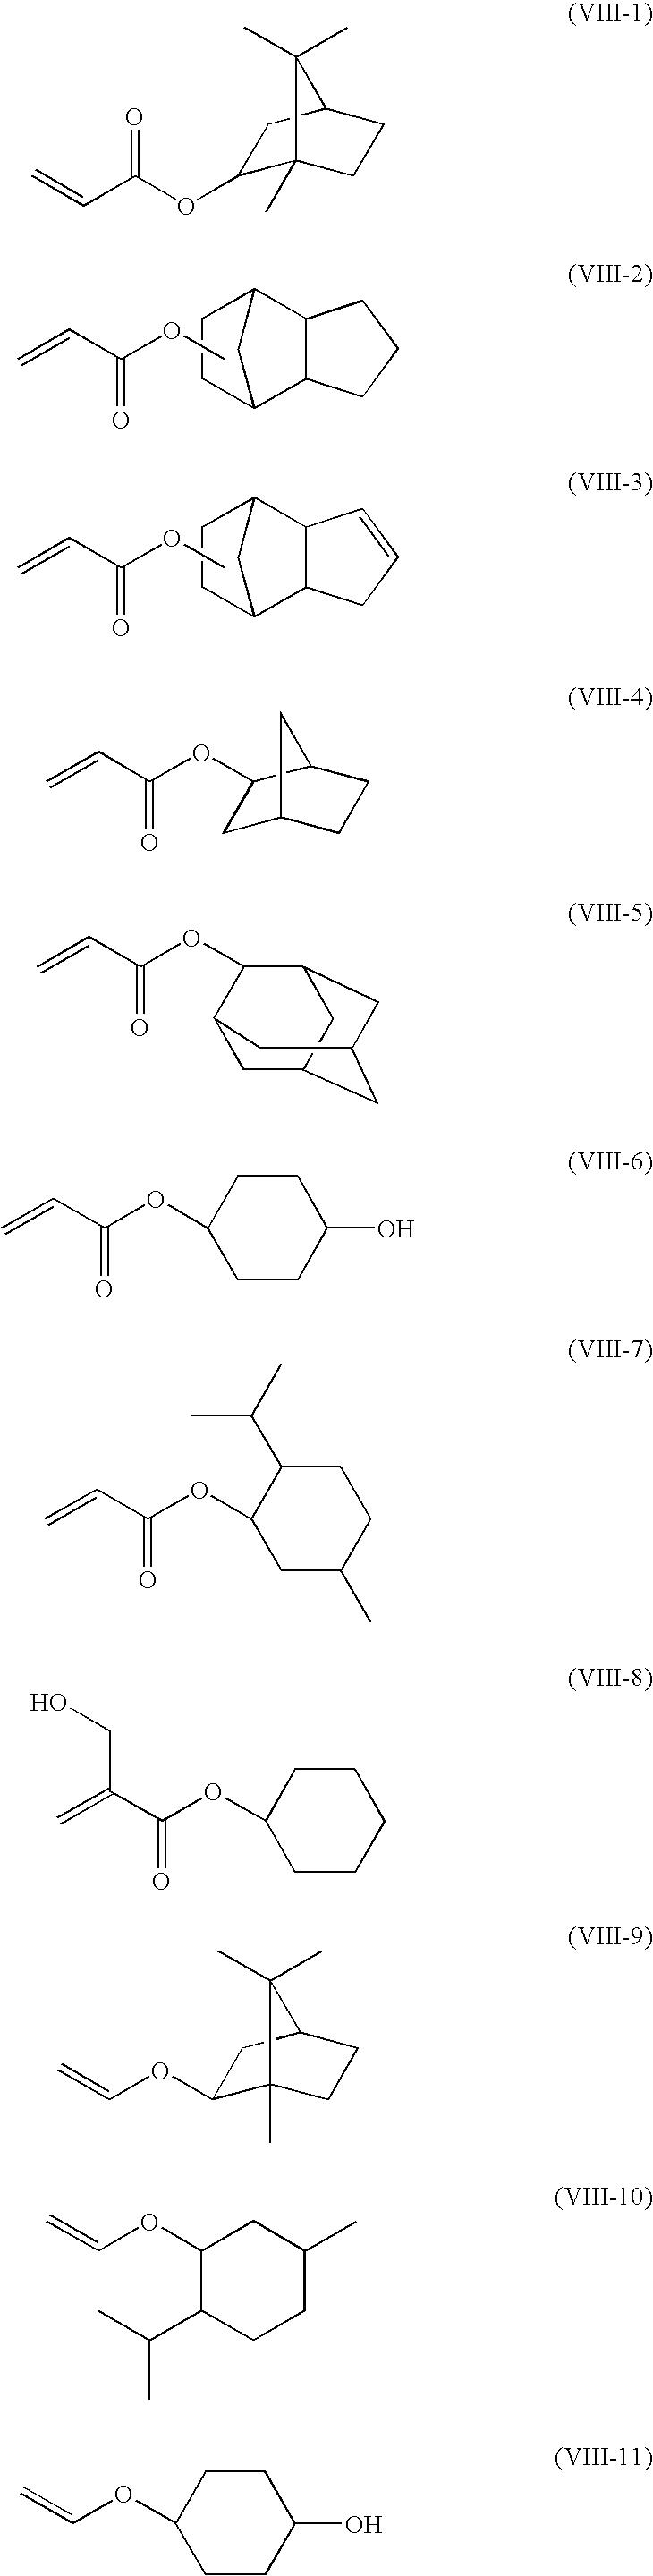 Figure US20090011367A1-20090108-C00018